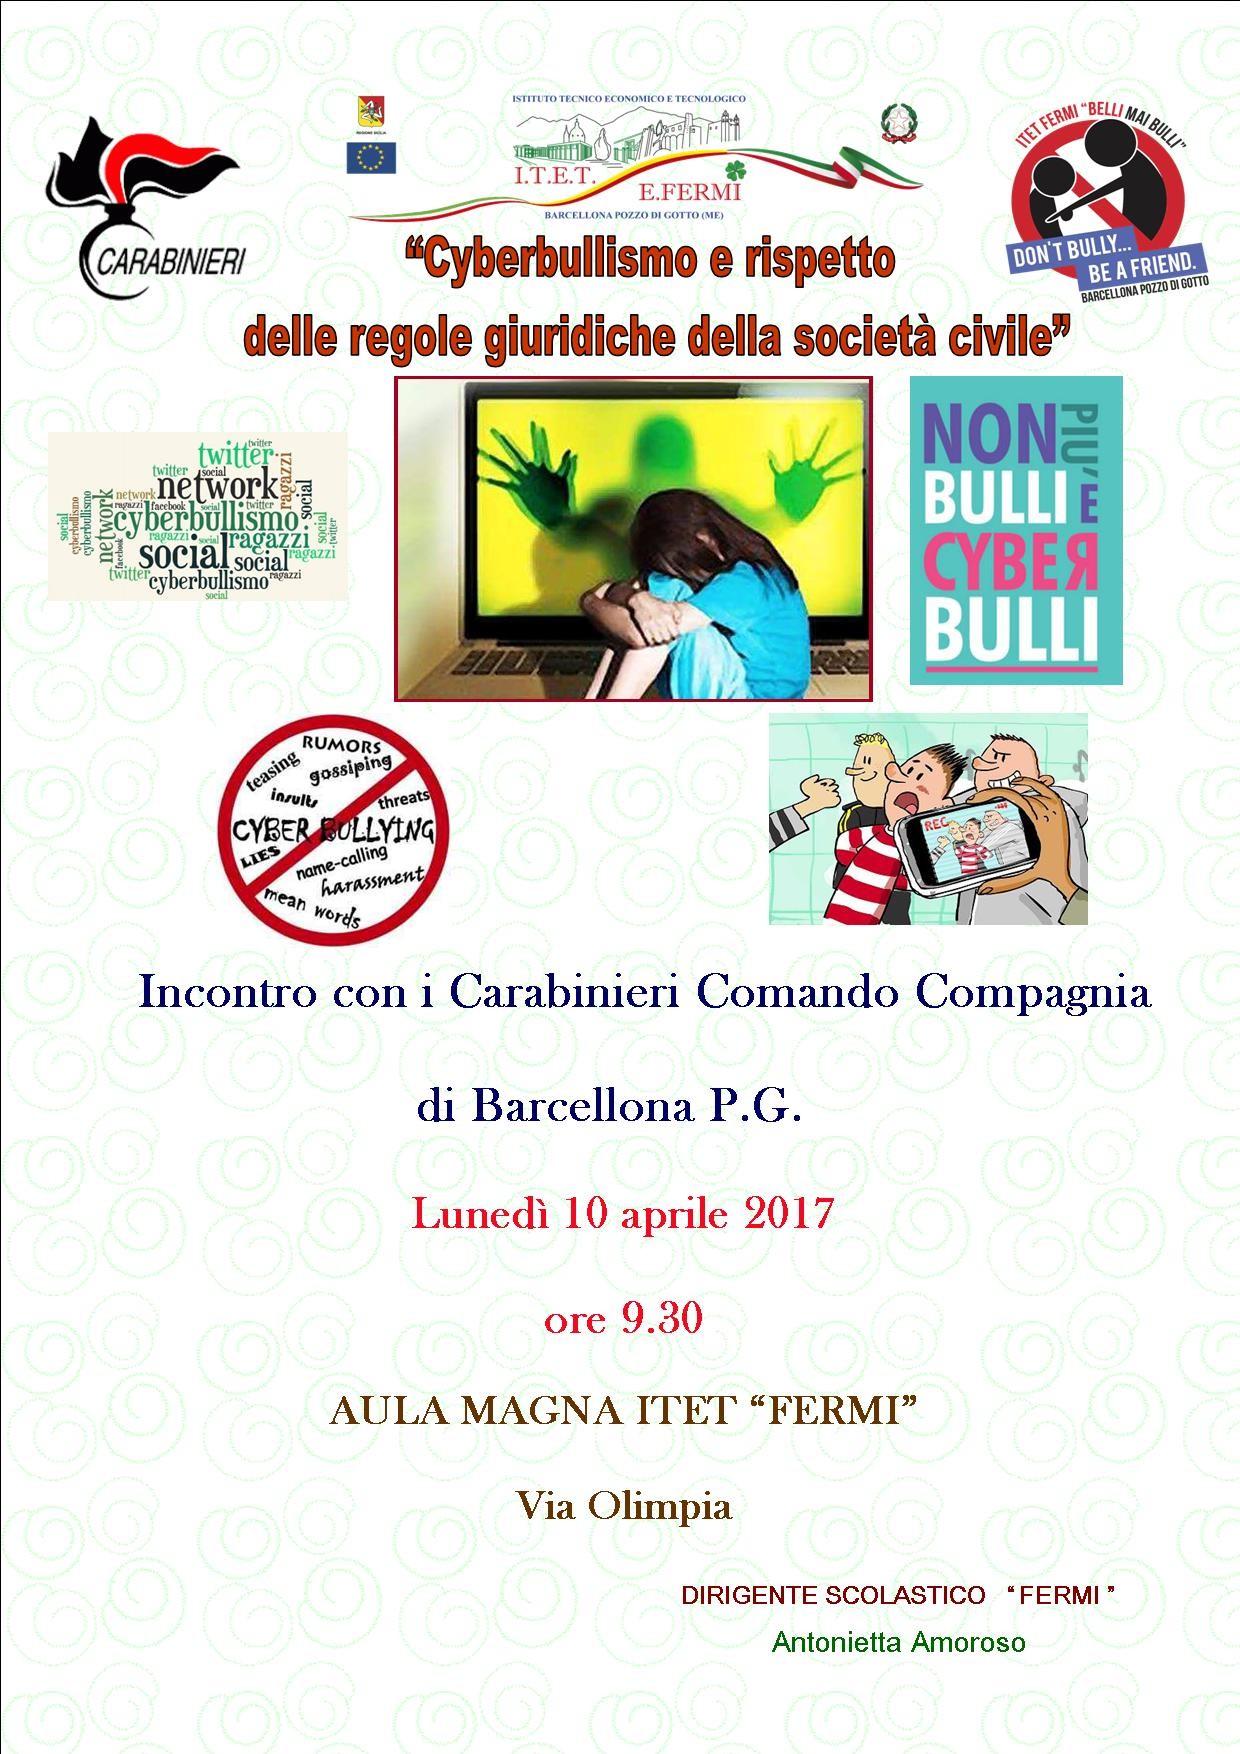 Incontro con i Carabinieri - Cyberbullismo